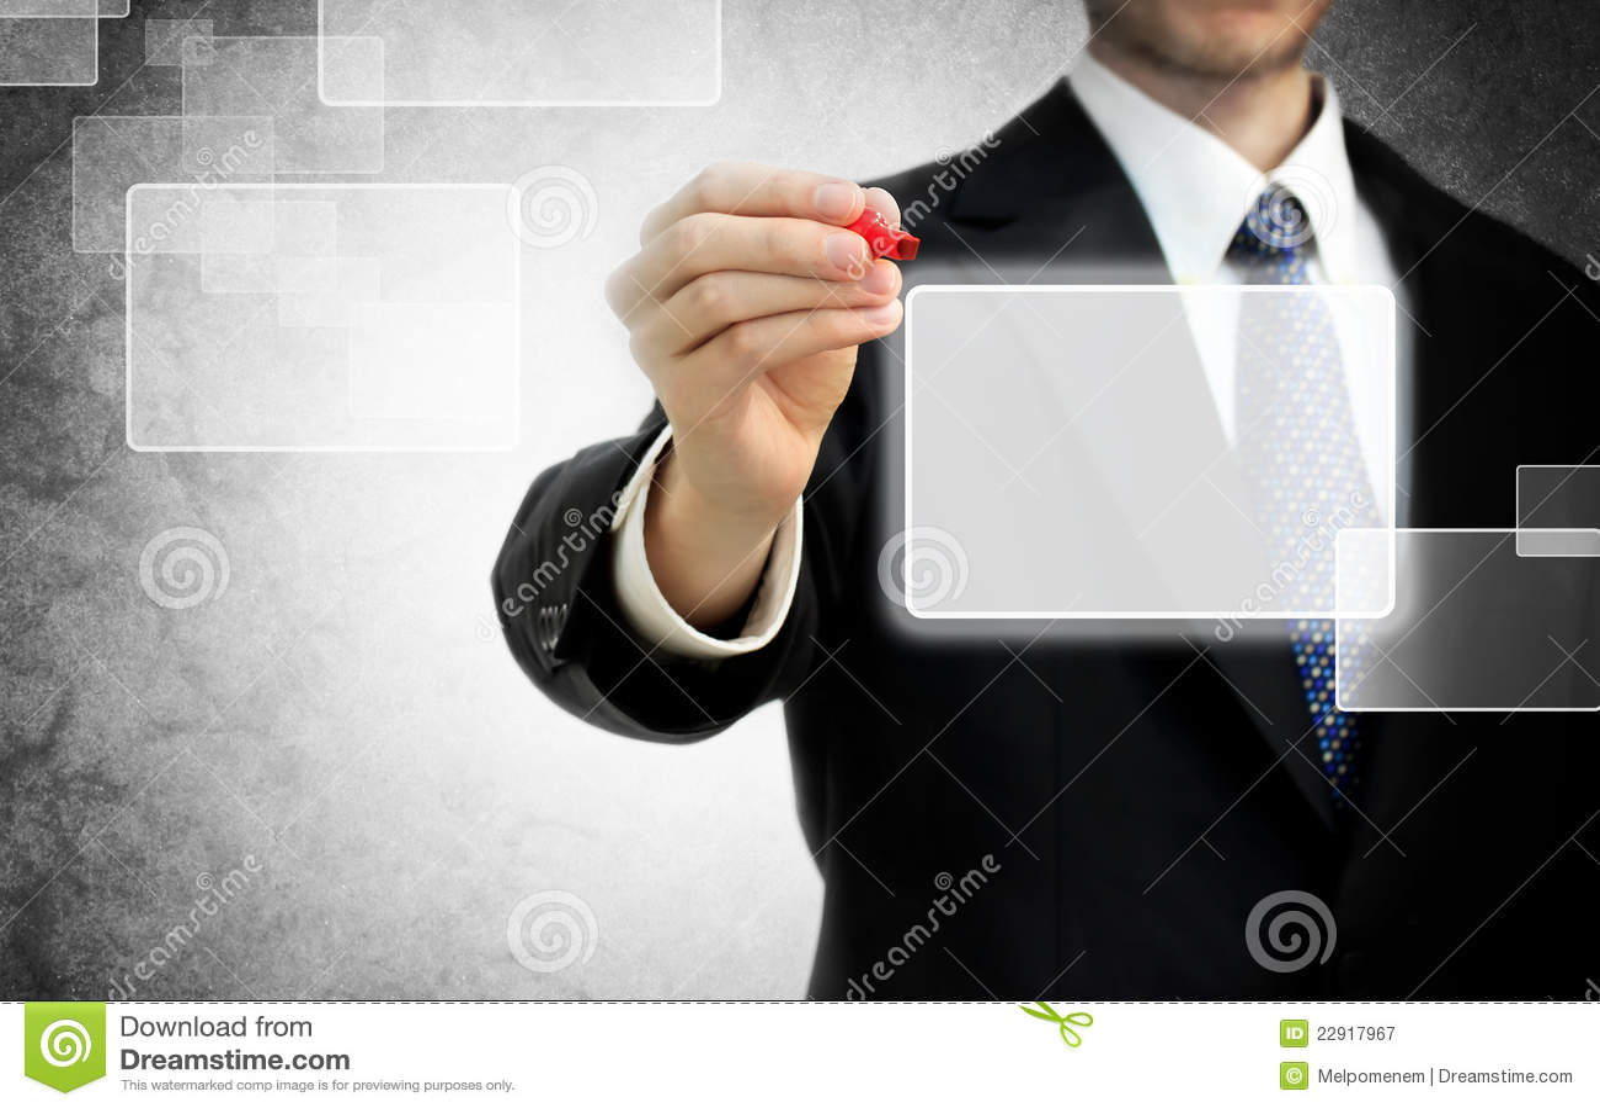 Homme d affaires devant l écran tactile